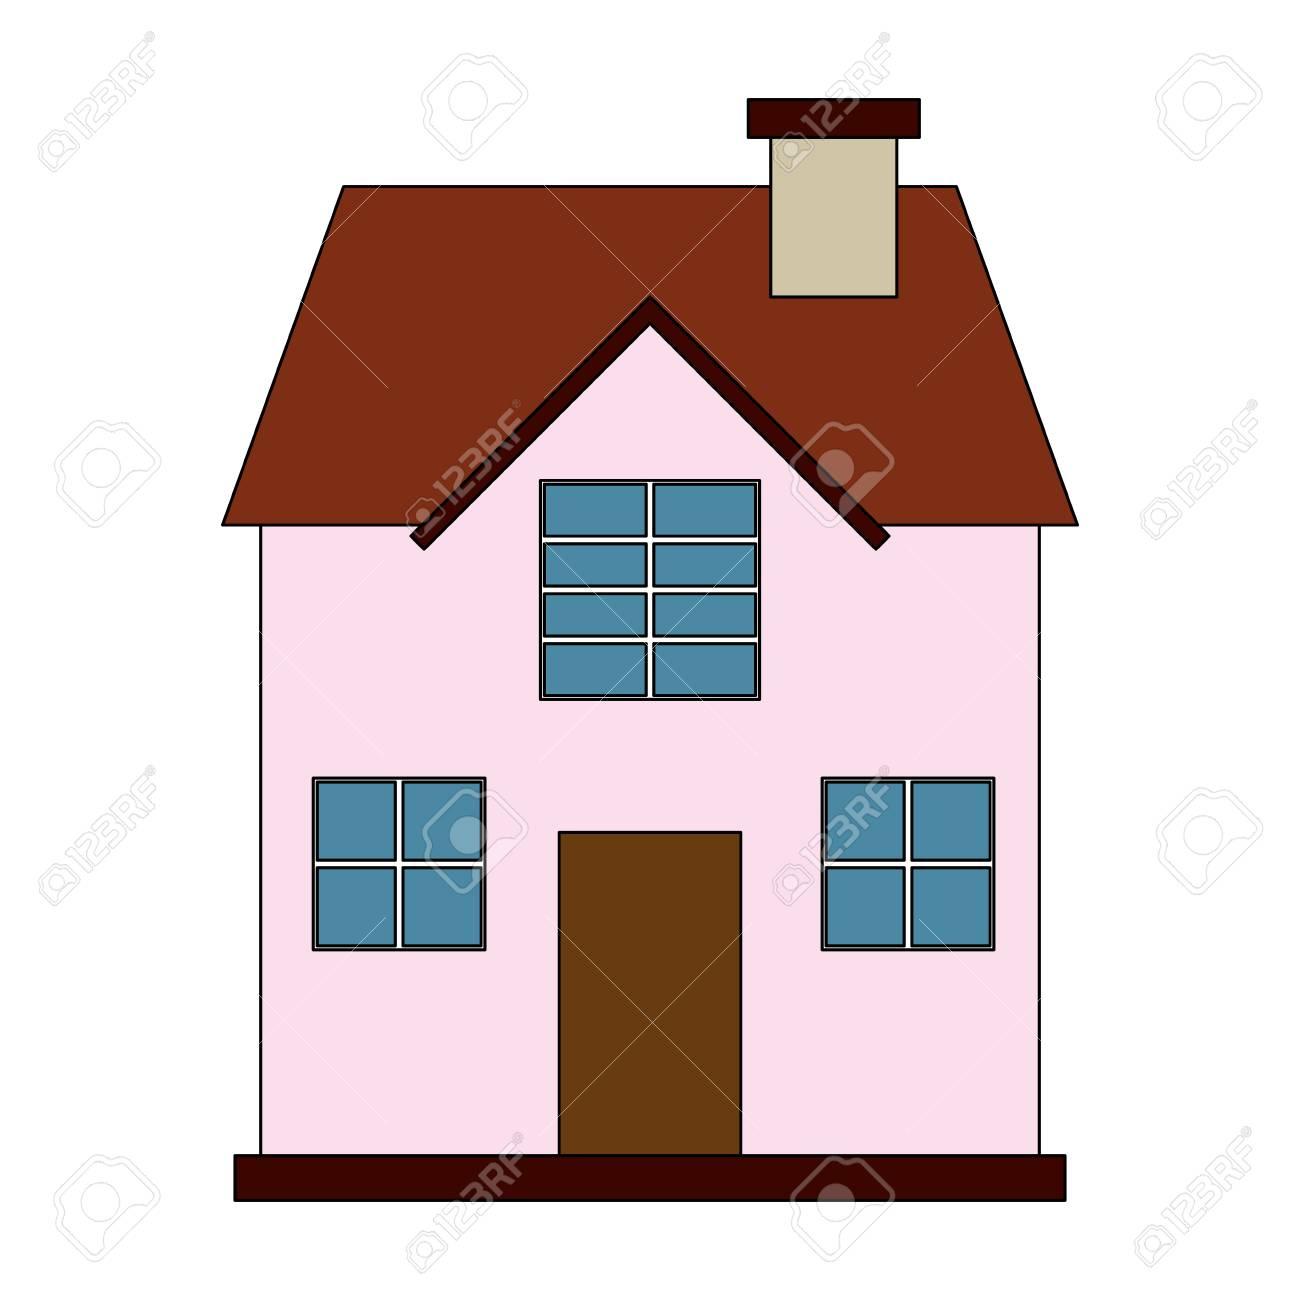 Imagen En Color De Dibujos Animados Fachada Confortable Casa Con Dos Pisos En Ilustración Vectorial